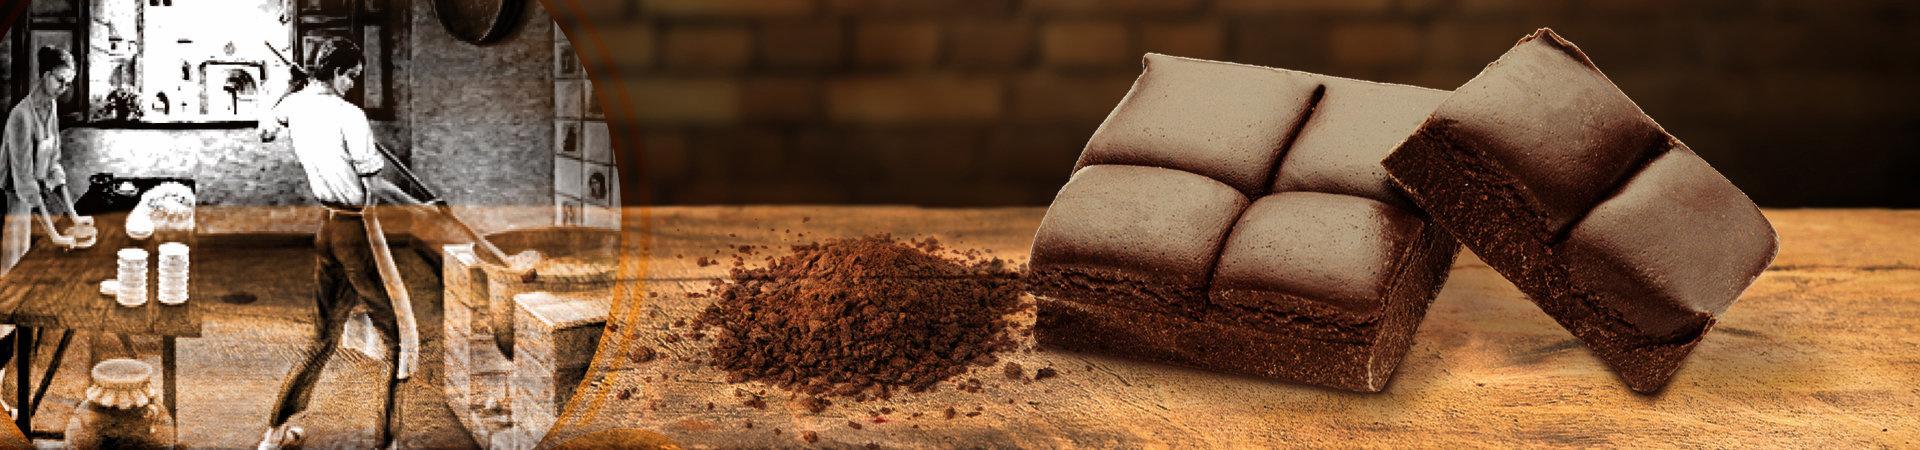 Xocolata a la Pedra